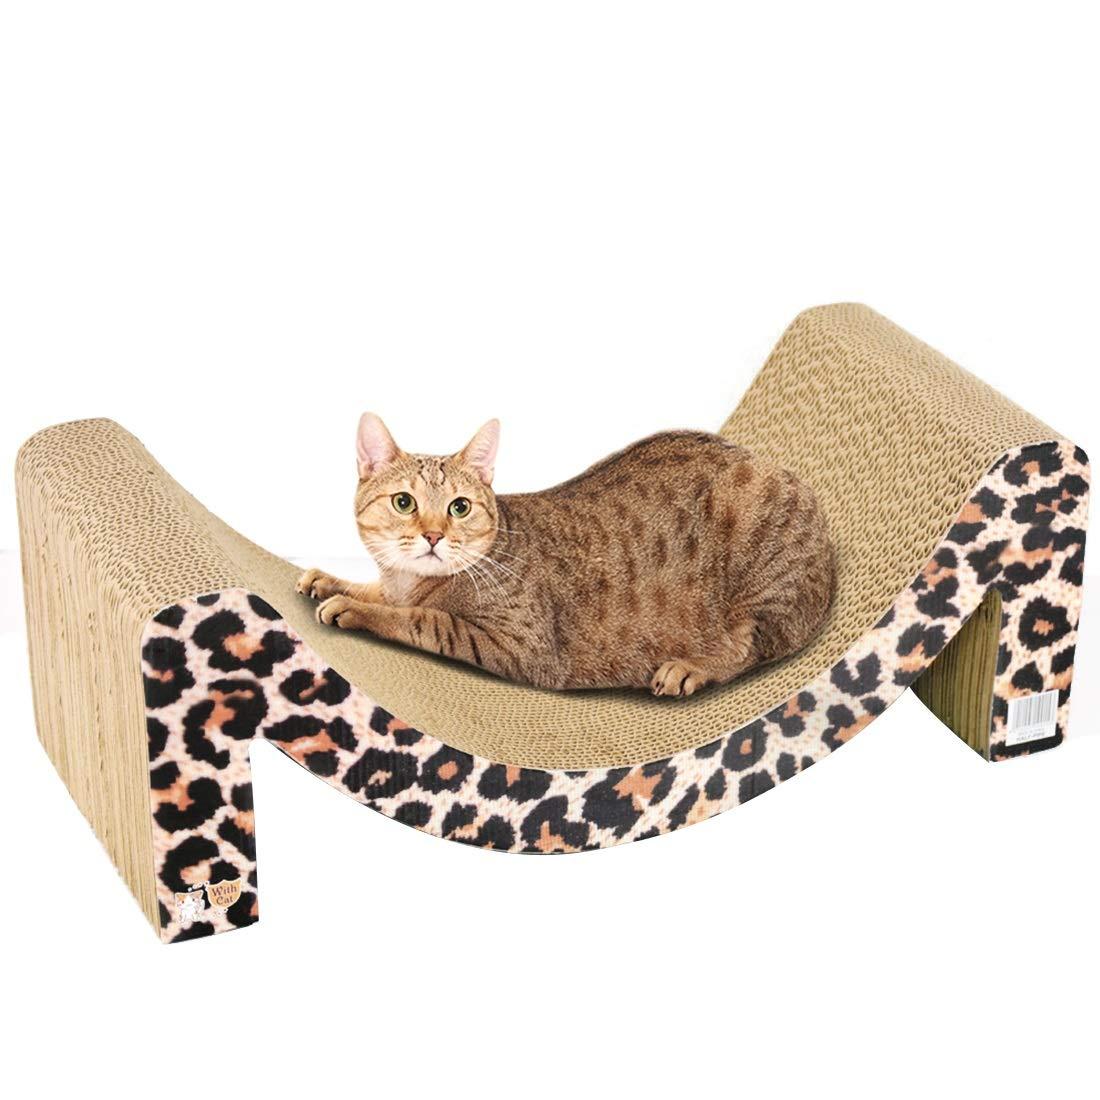 Sconto del 70% a buon mercato YUMUY YUMUY YUMUY Cat Scratch Board Cat Letto Cat Sofa Arch Bridge Leopard Scratch Board (Colore   Leopard, Dimensione   49.5x24.0x17.5cm)  comprare sconti